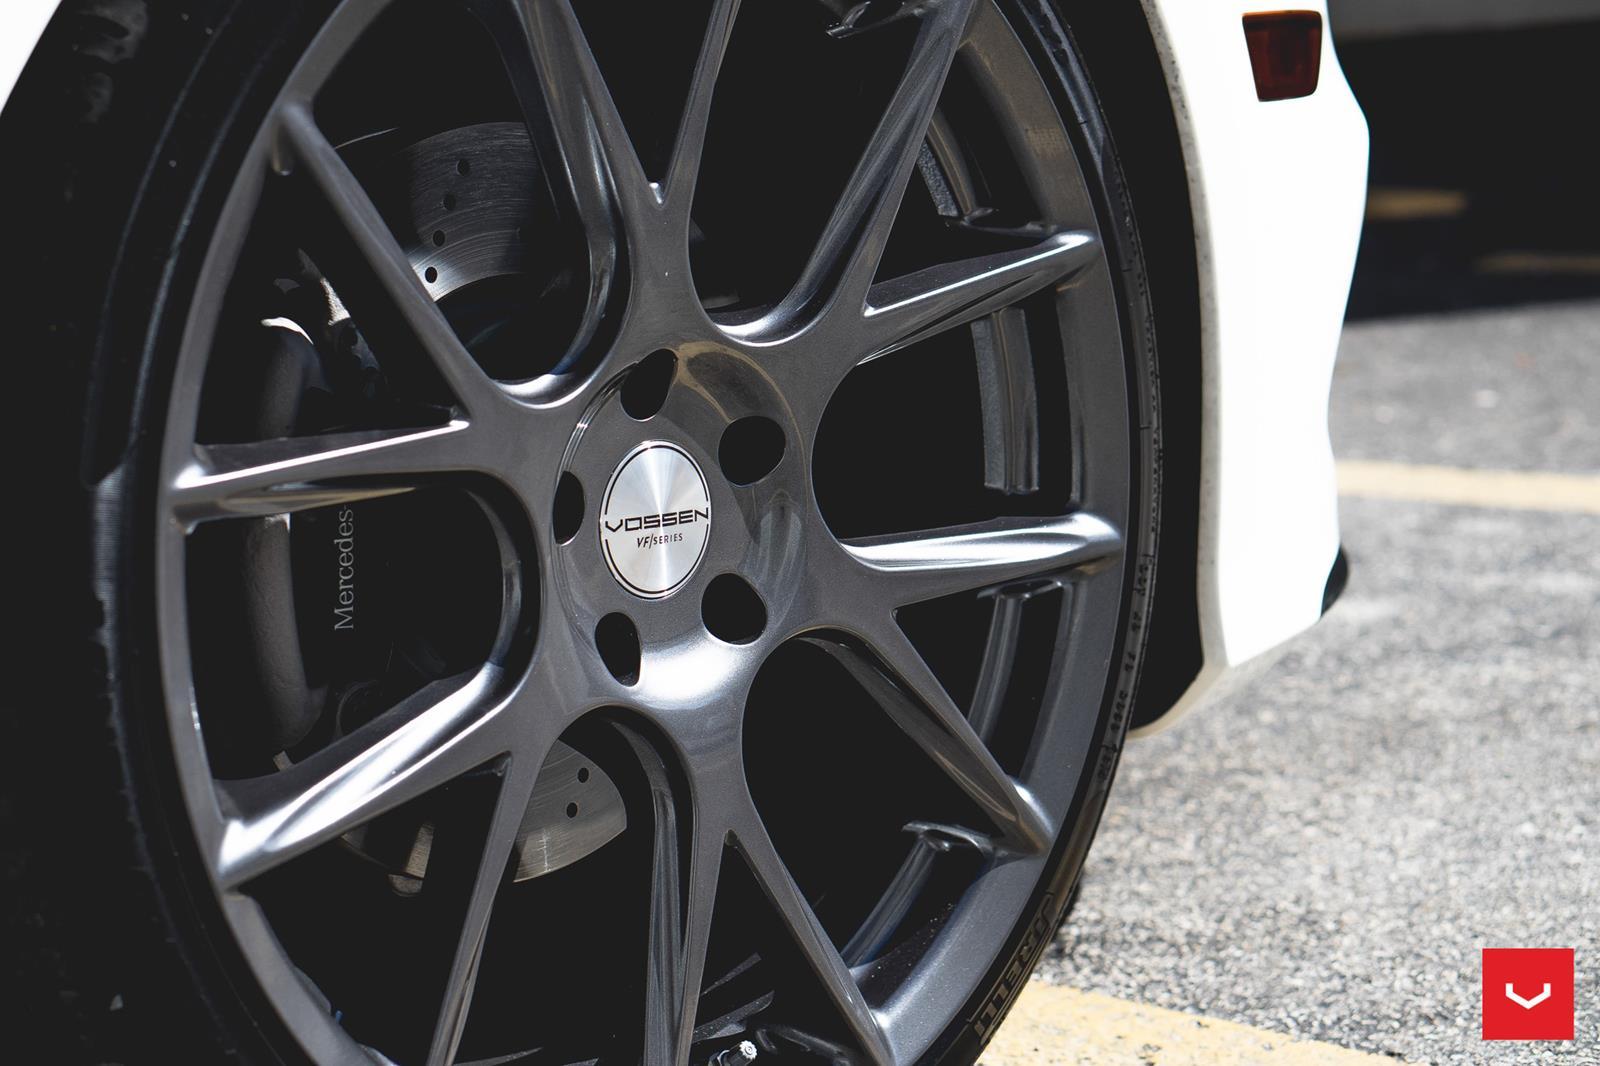 Mercedes Benz_CLS_VFS6_17ad32e7